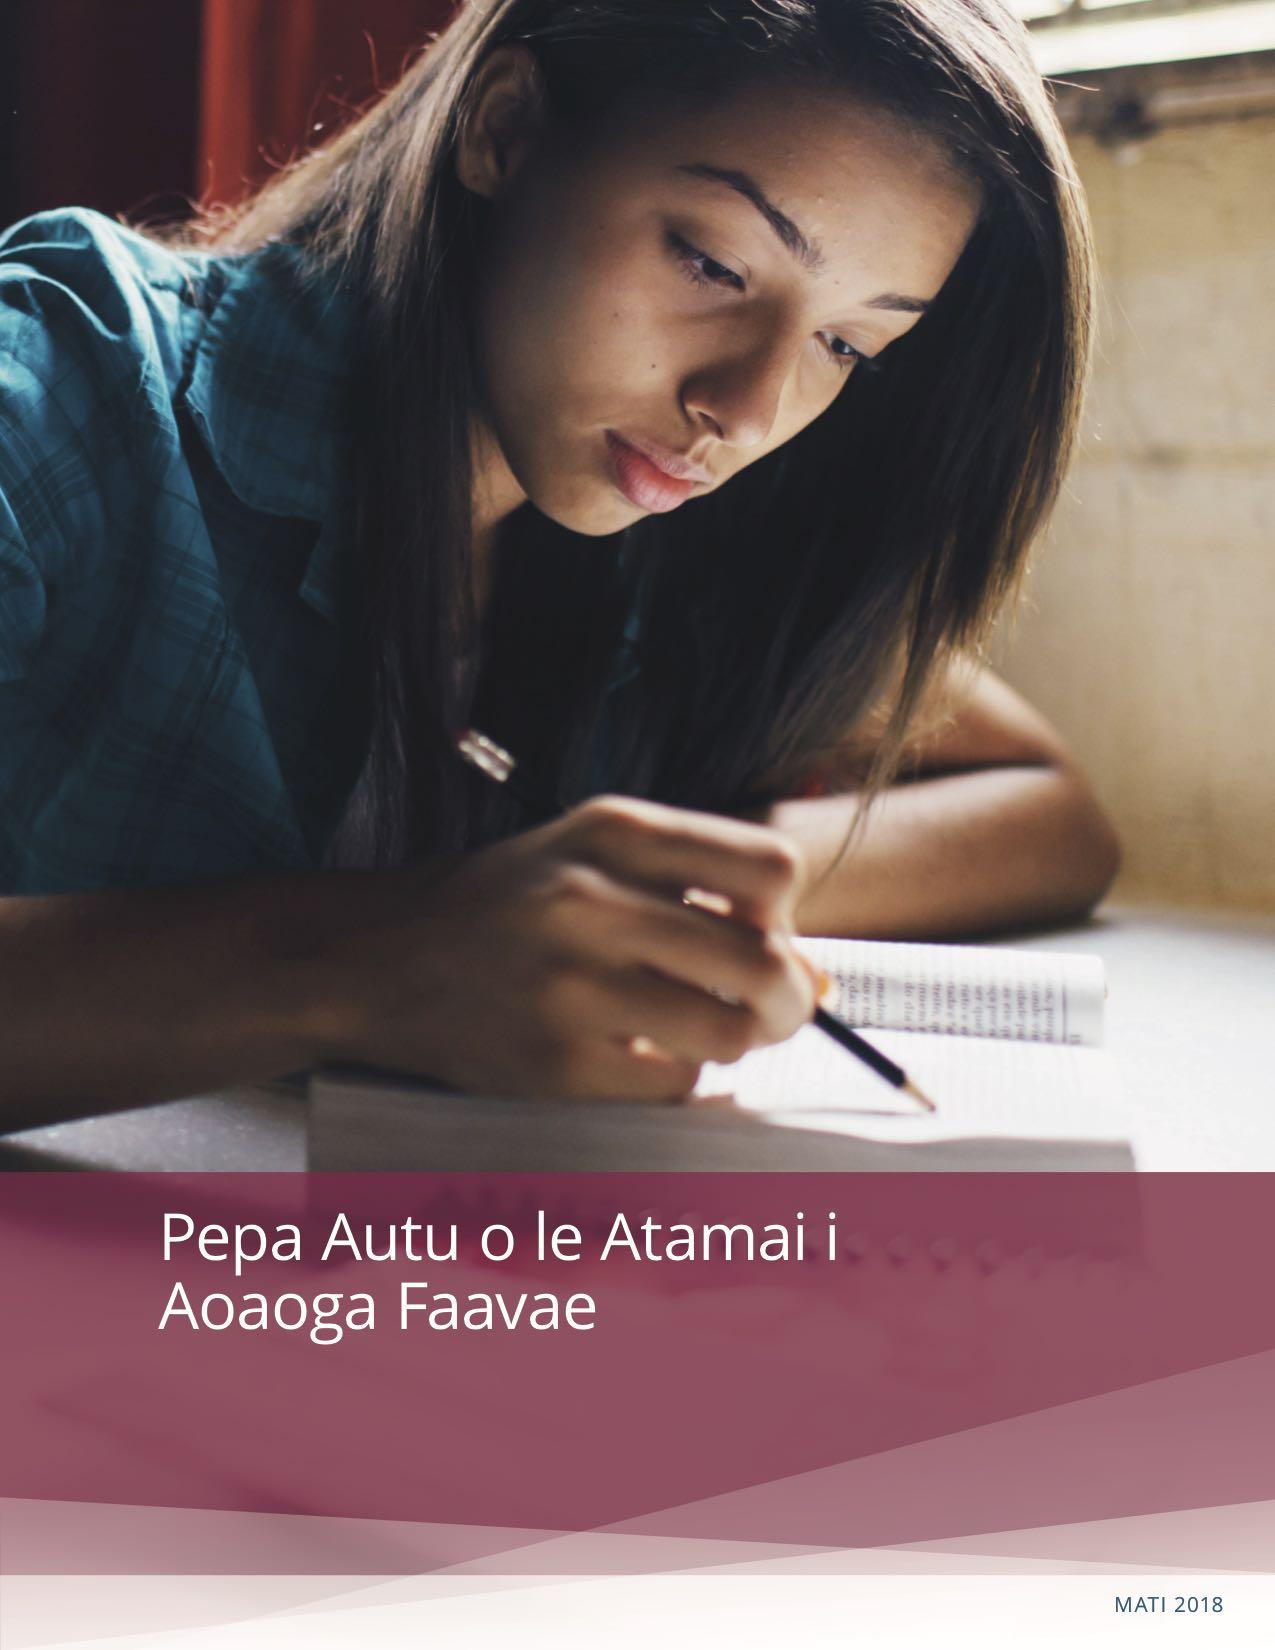 Faava o le Tusi Autu o le Atamai i Aoaoga Faavae